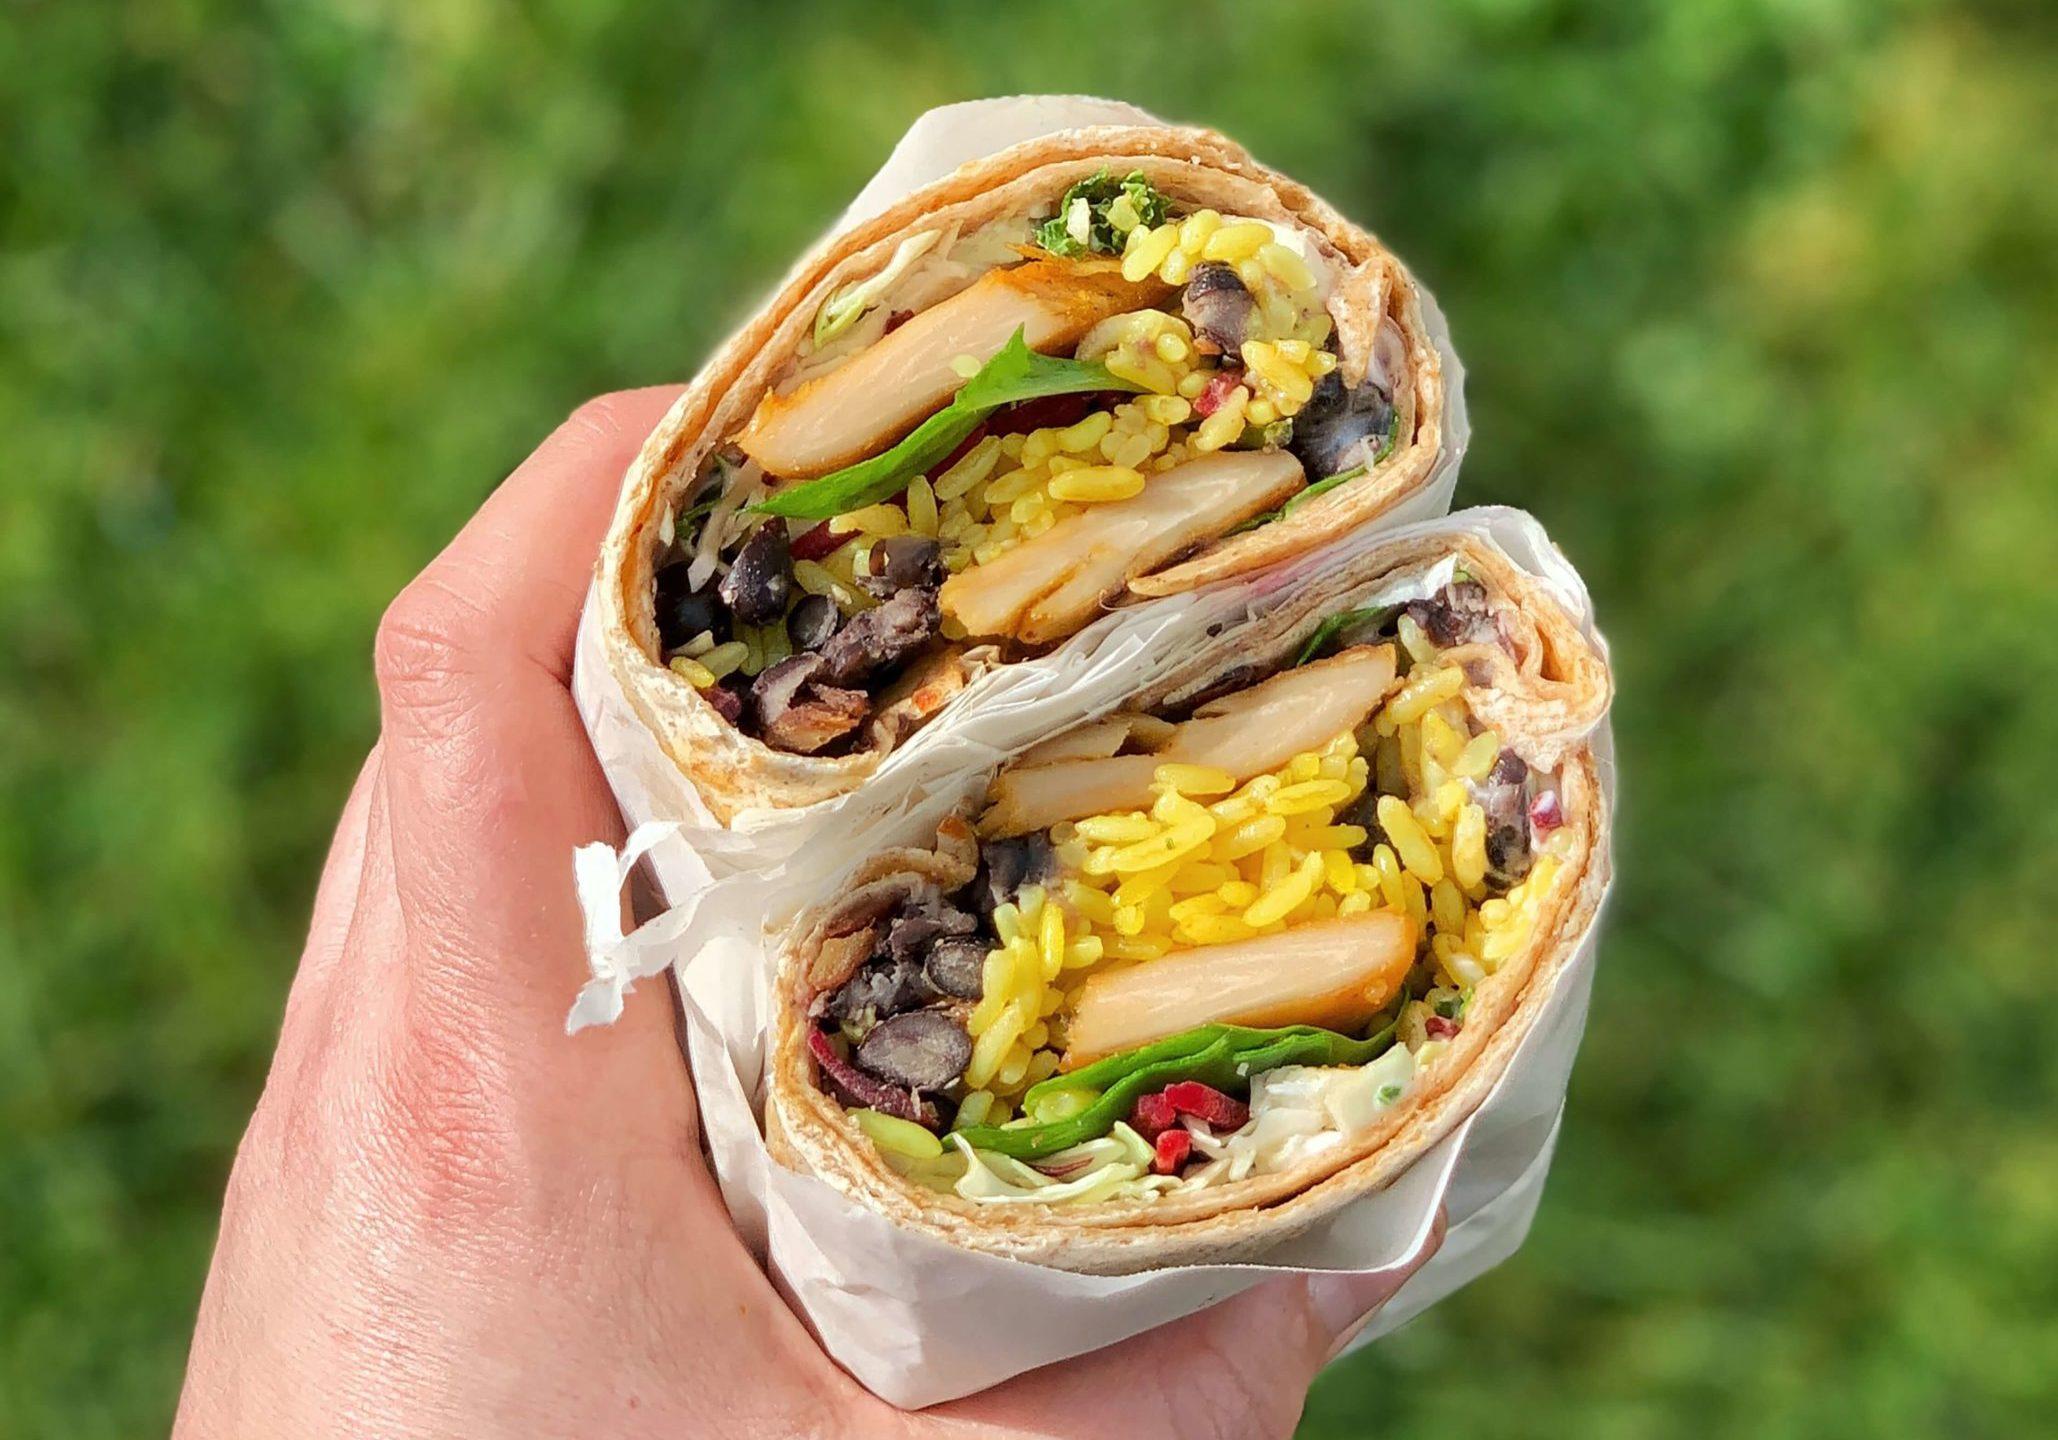 Burritos tailgate food